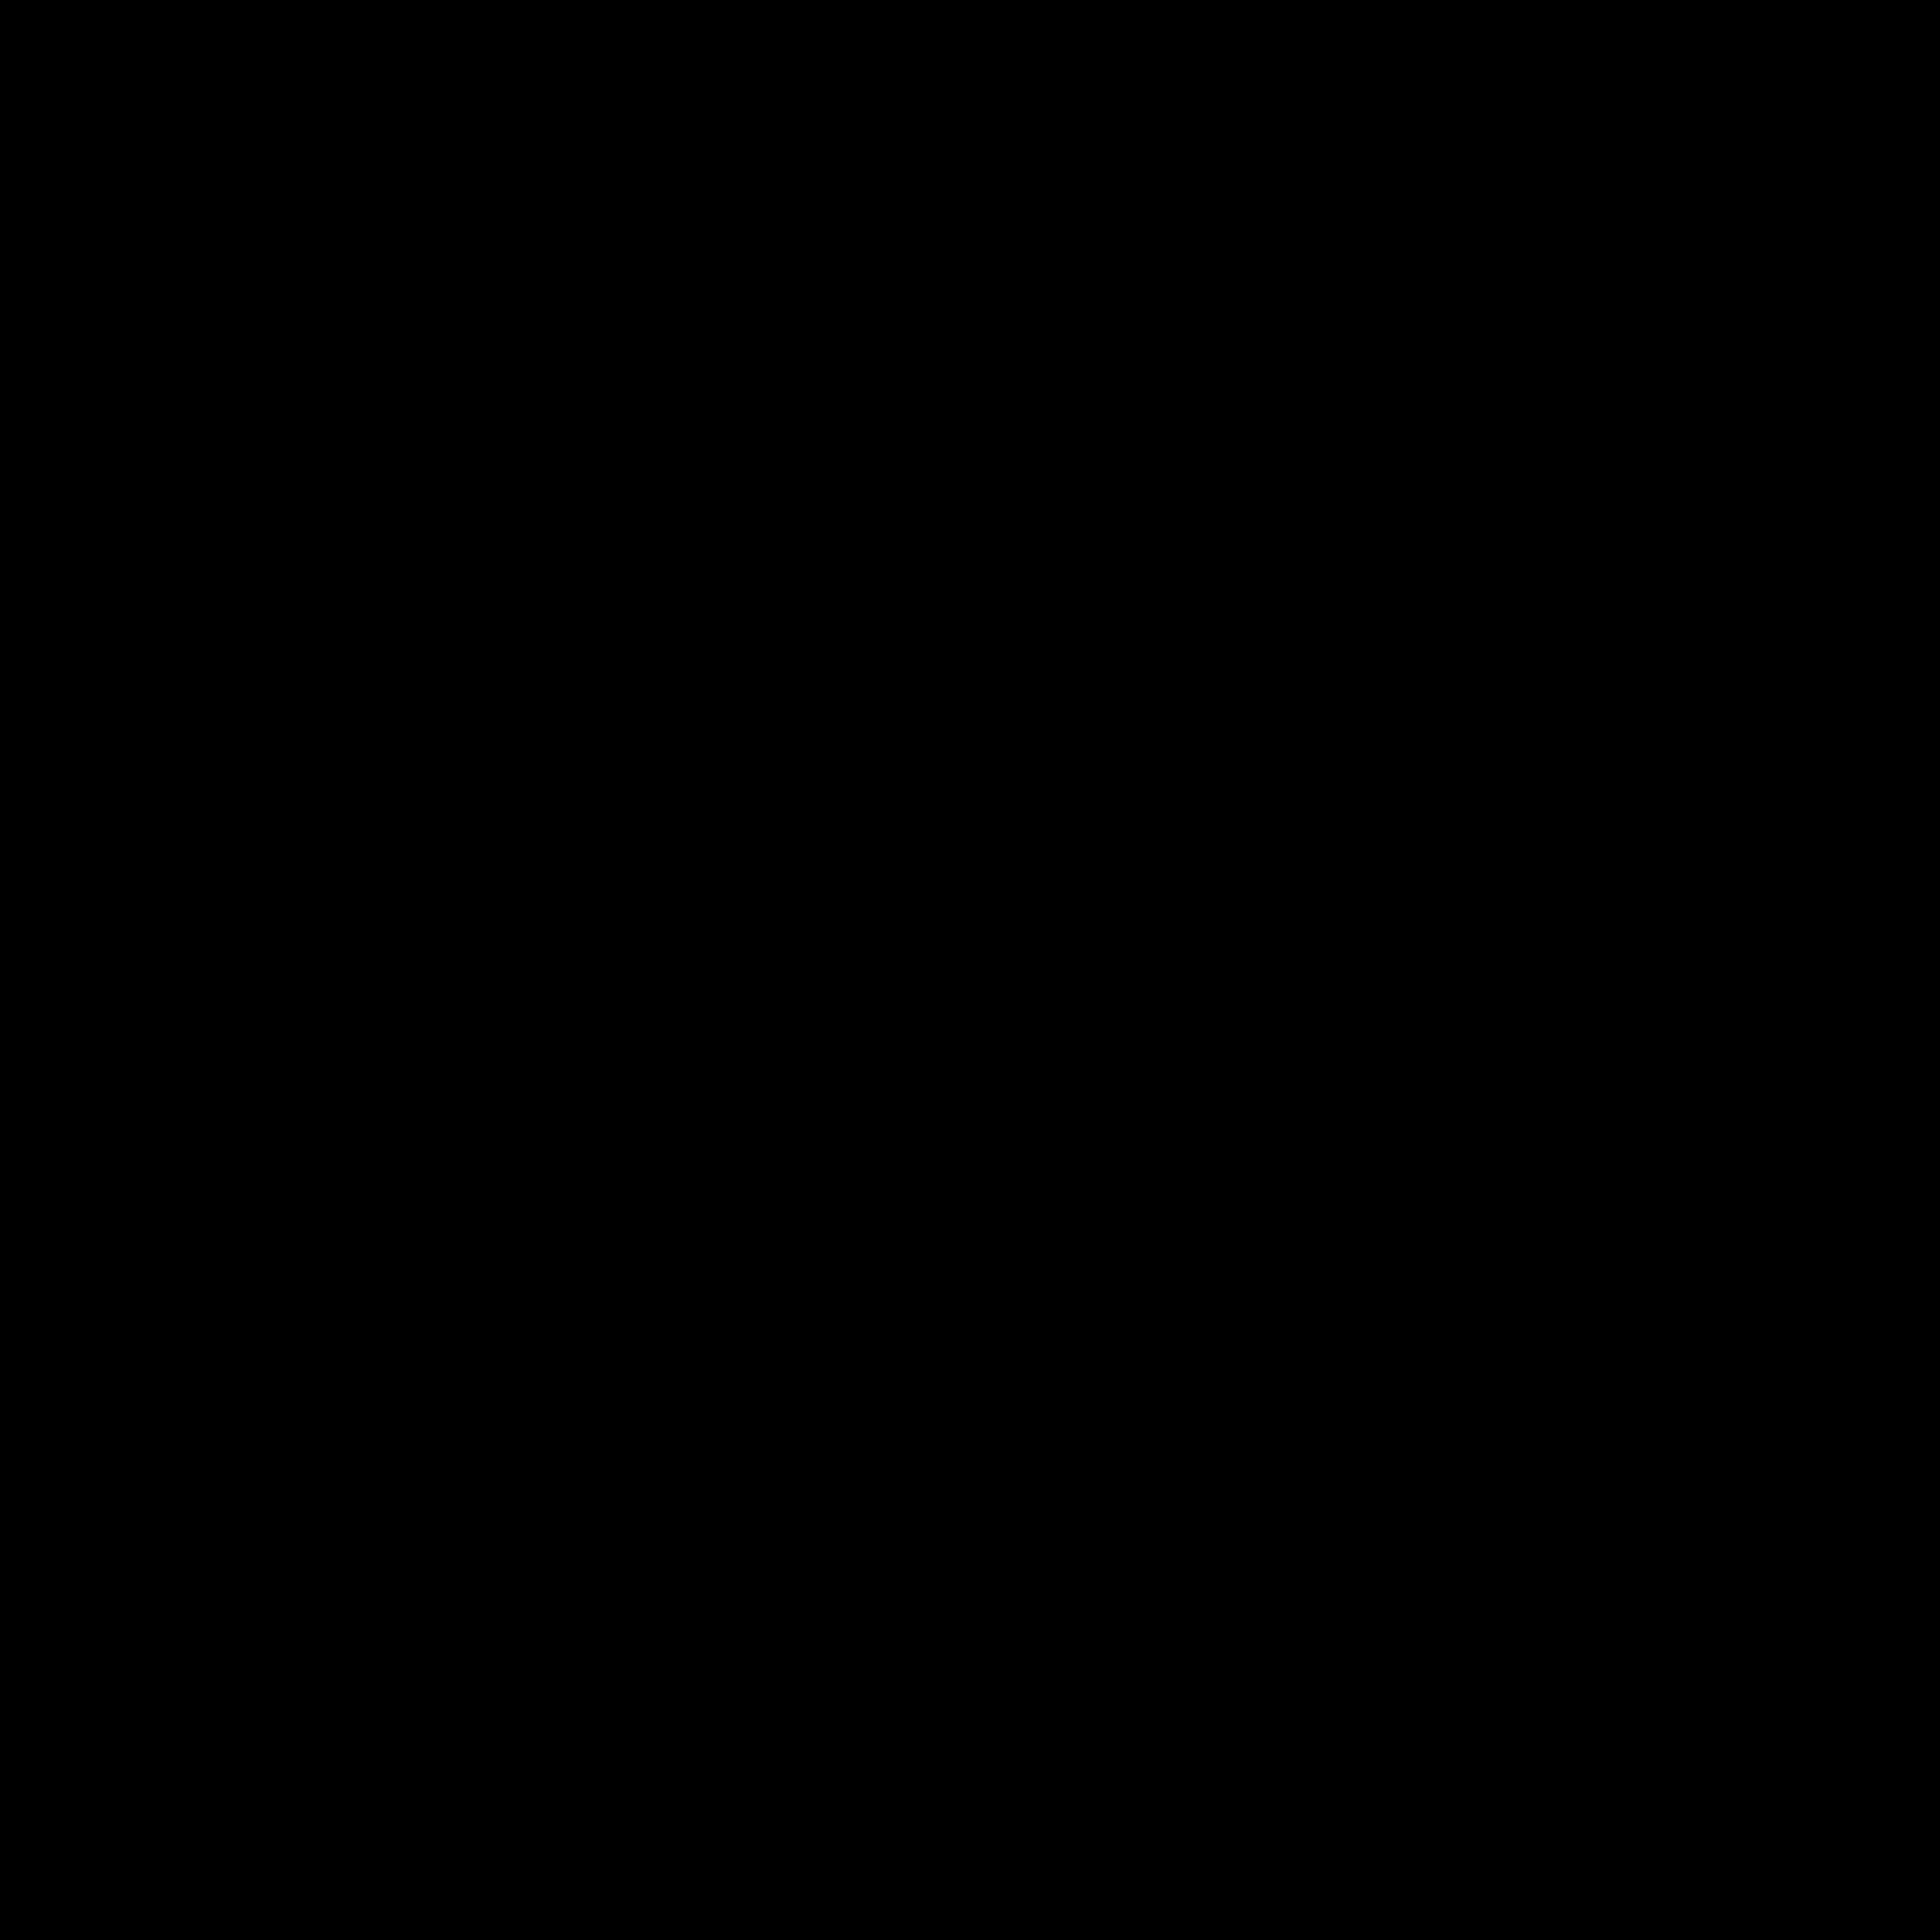 Hand mit Kaffeebohne als Zeichen für Handgeröstet